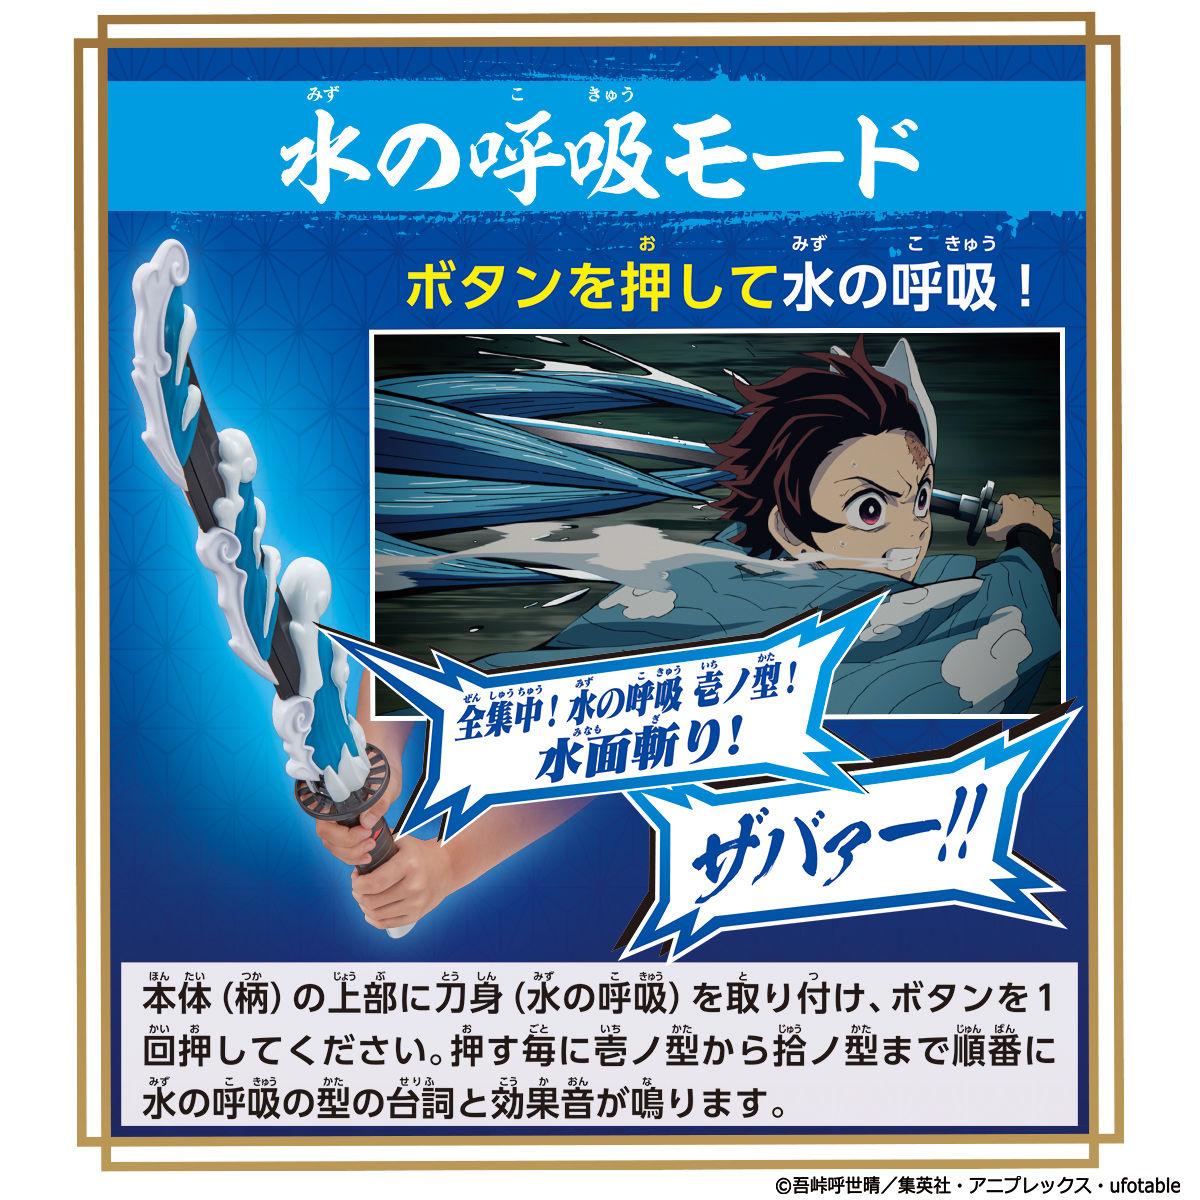 【限定再販】鬼滅の刃『DX日輪刀』変身なりきり-005